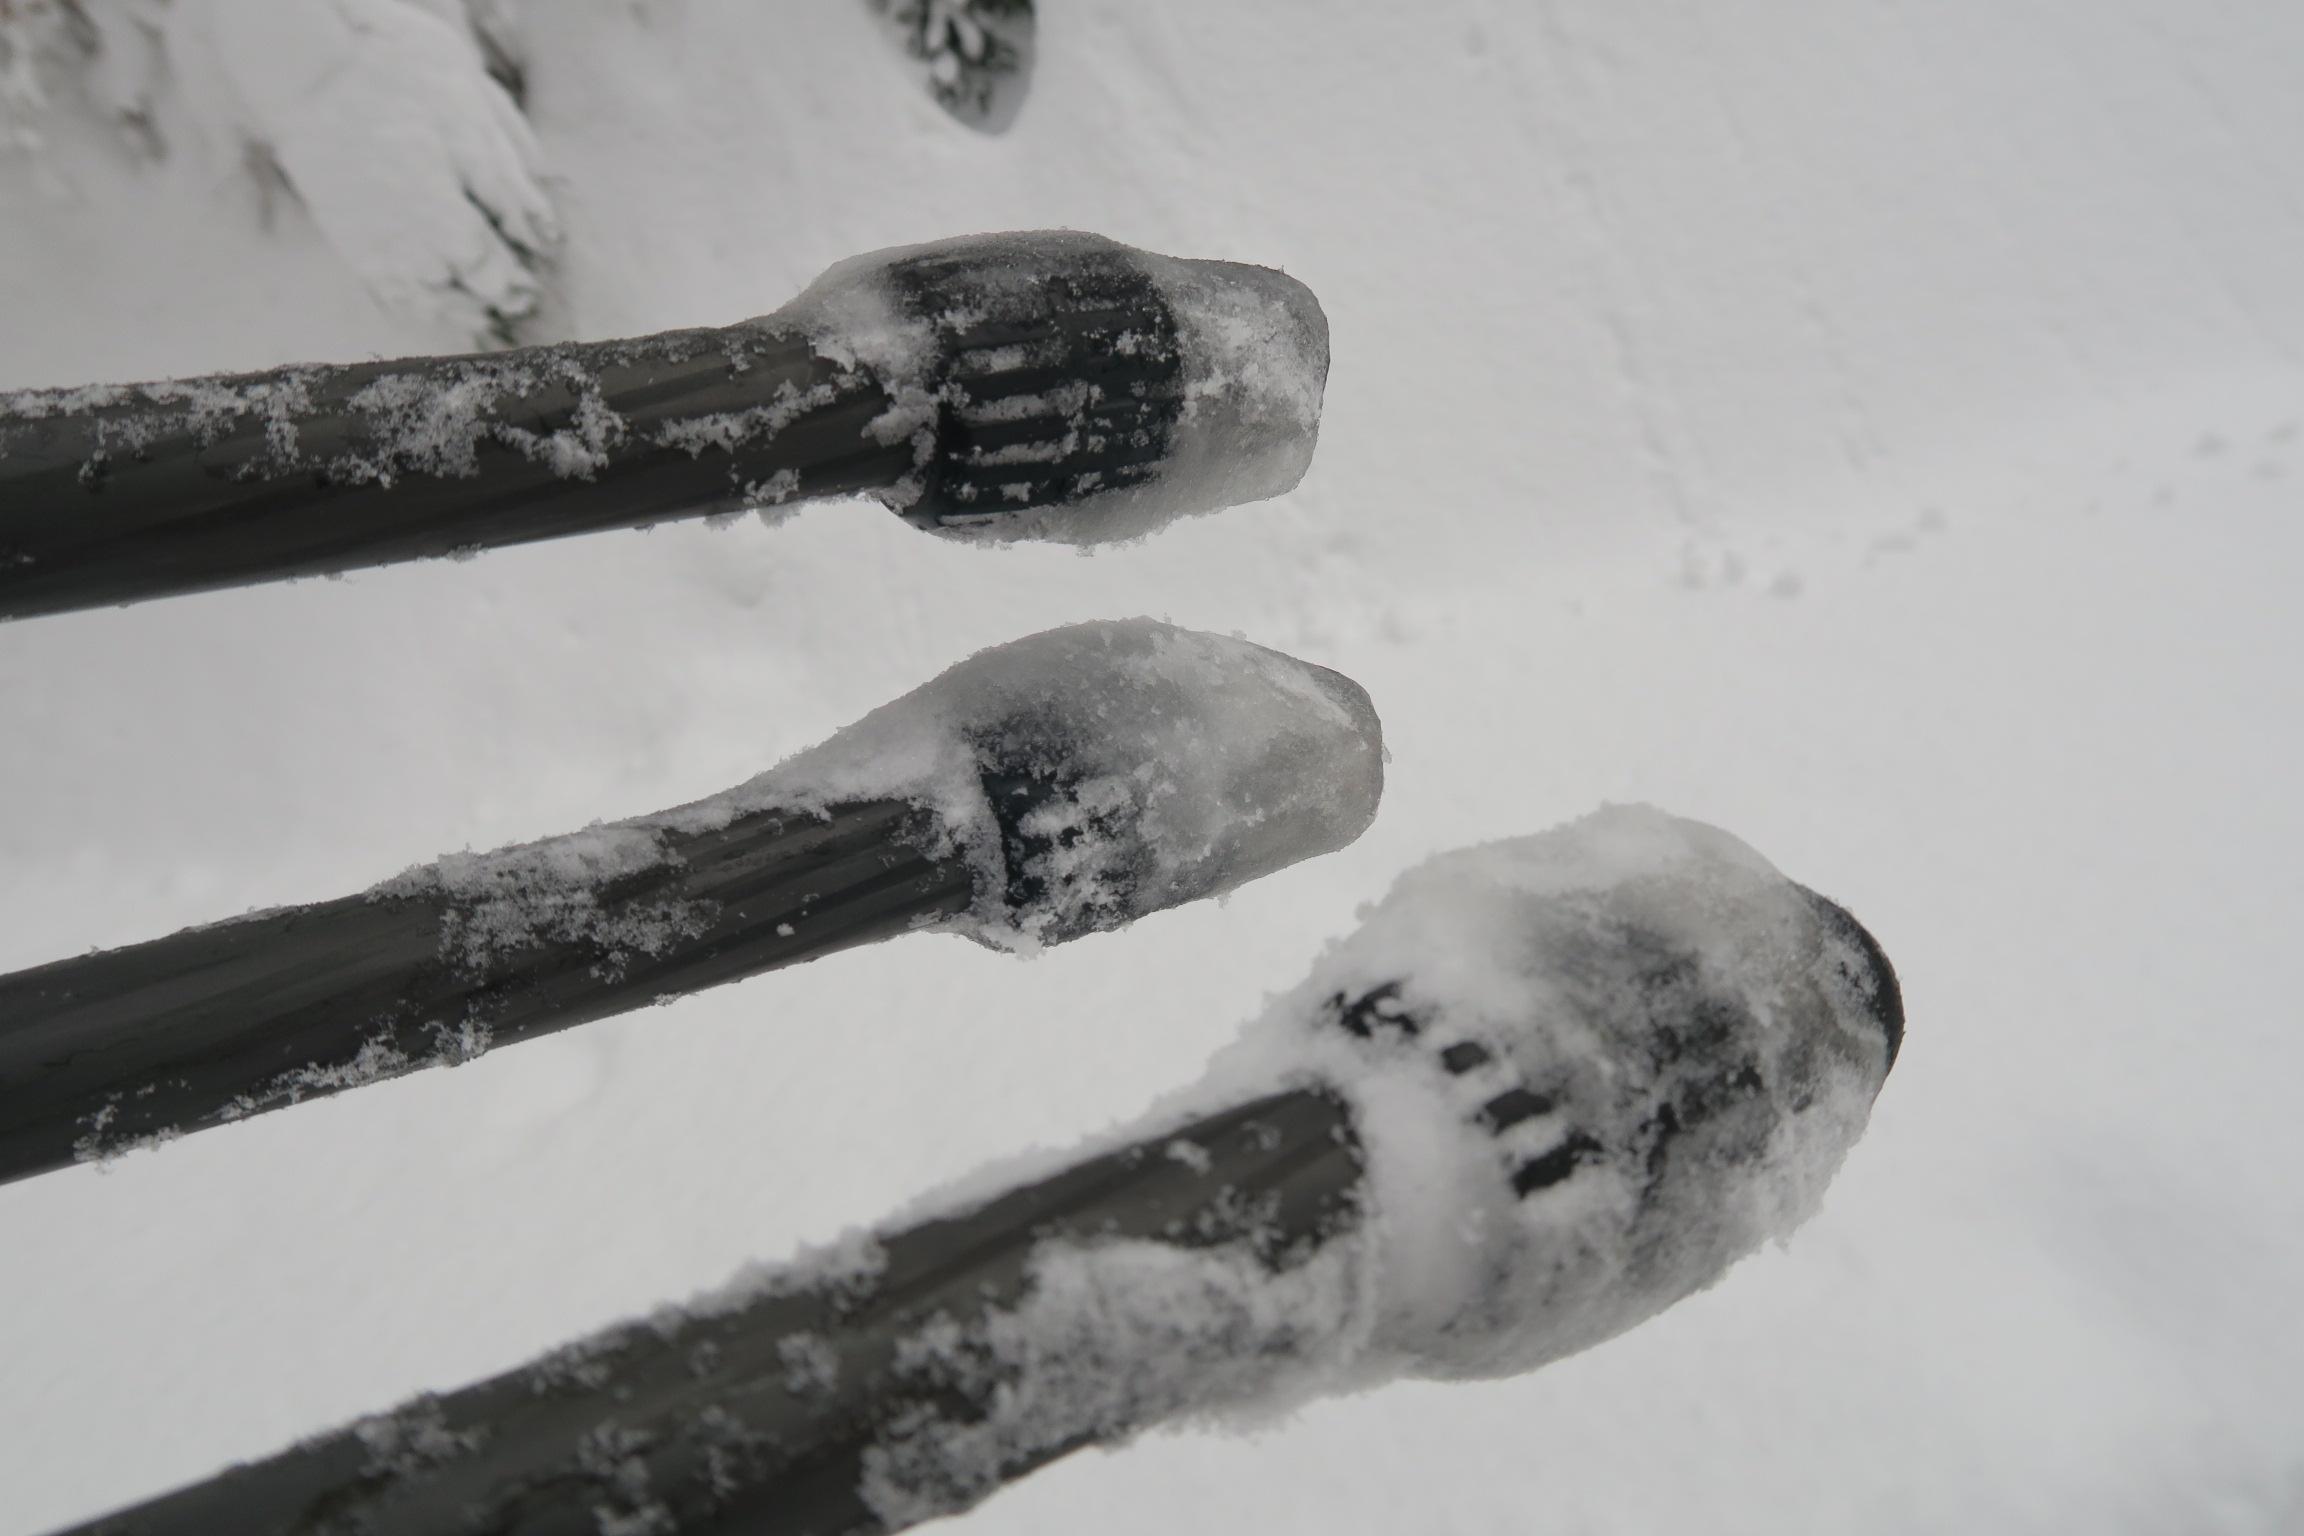 体力消耗を抑えるため三脚は雪道をひきづって下山。カッチコチ。